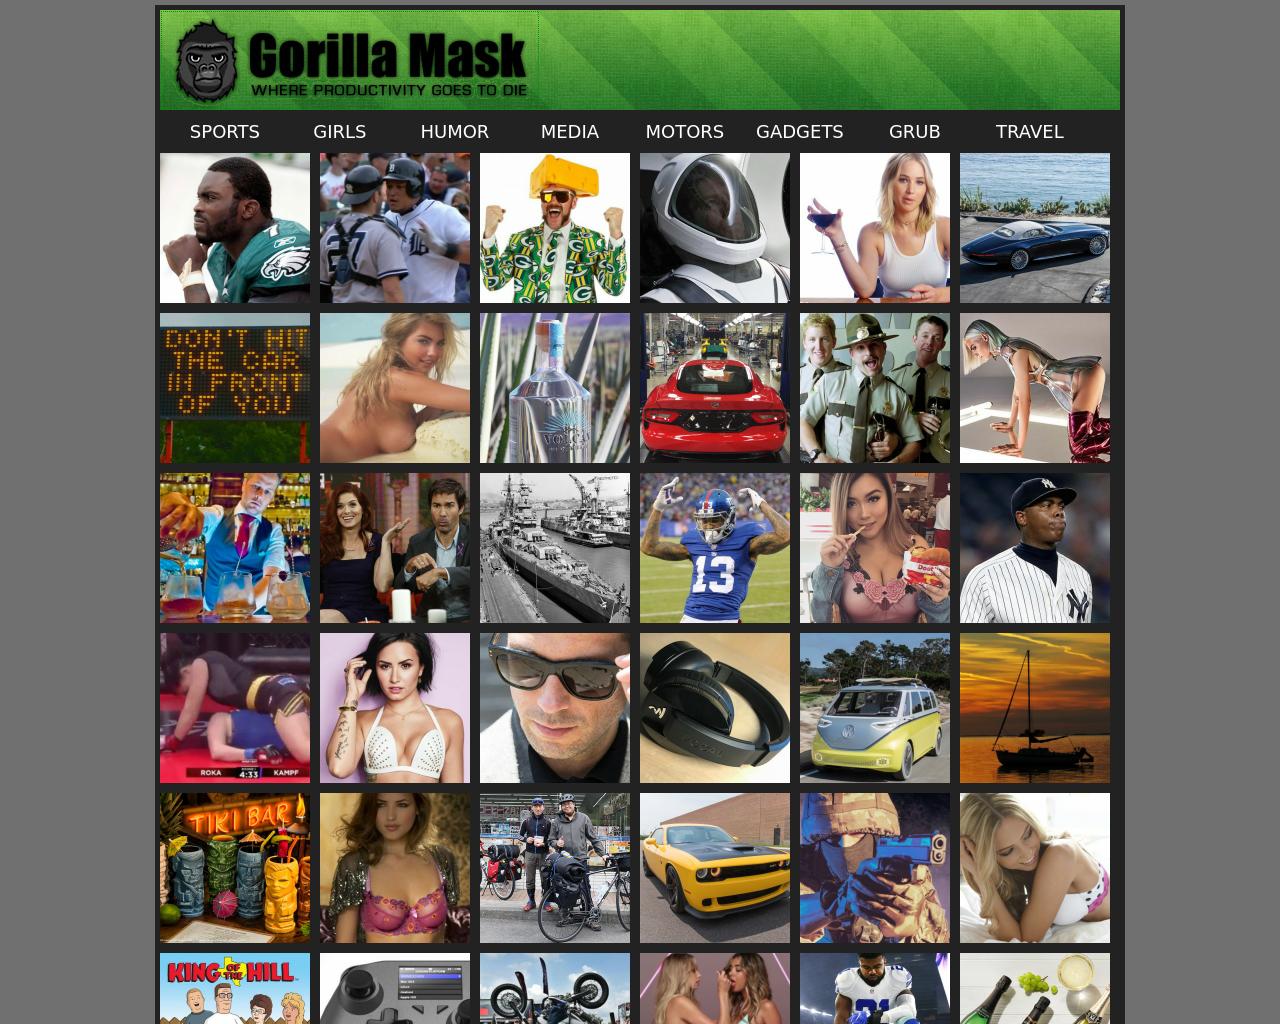 GorillaMask-Advertising-Reviews-Pricing